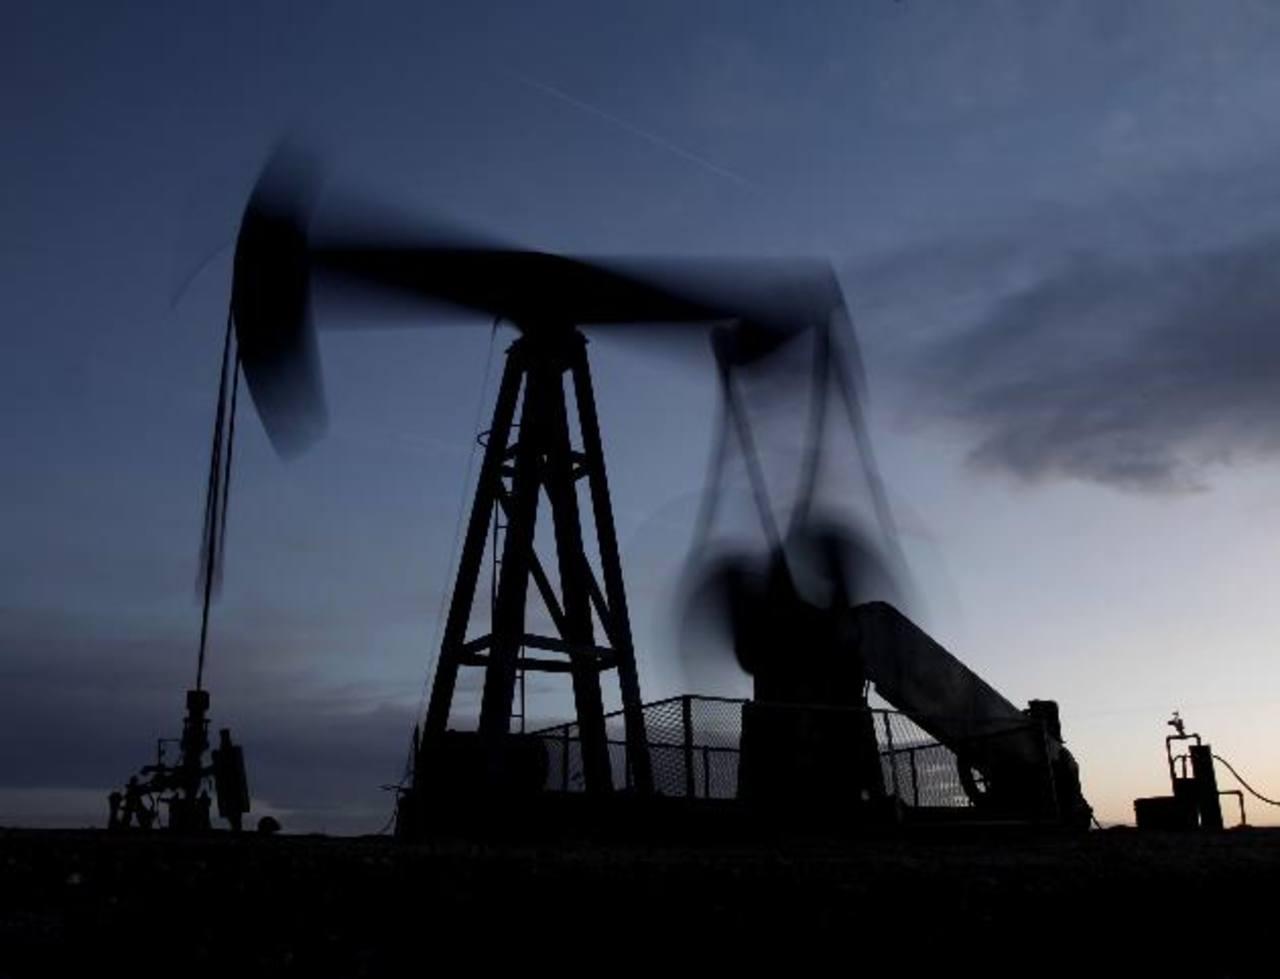 Estados Unidos se ha convertido en uno de los mayores productores de petróleo. Foto edh